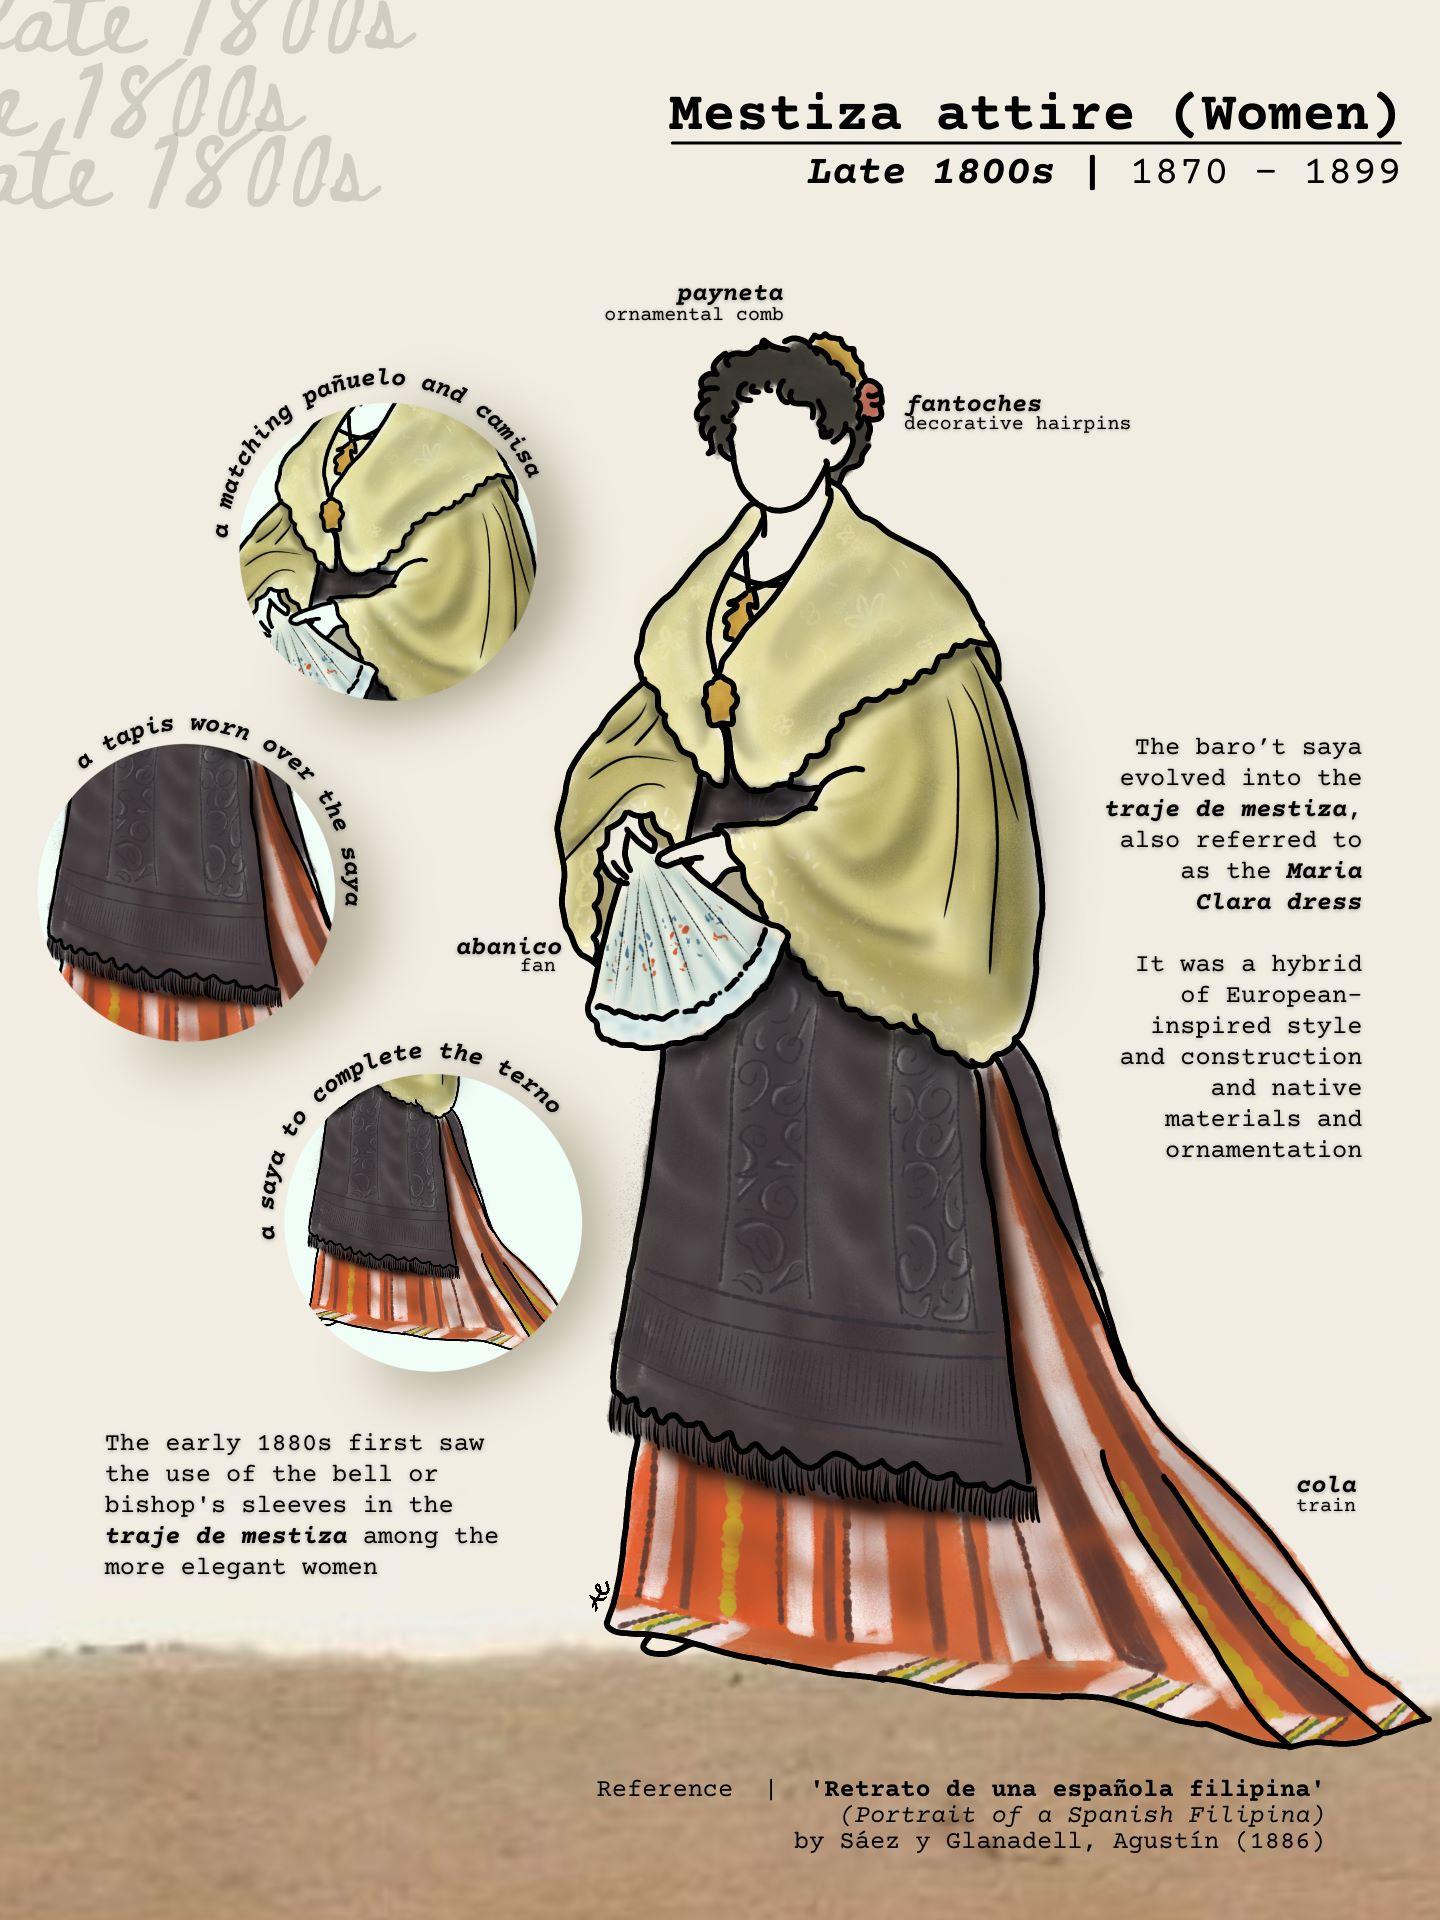 Mestiza attire of the late 1800s